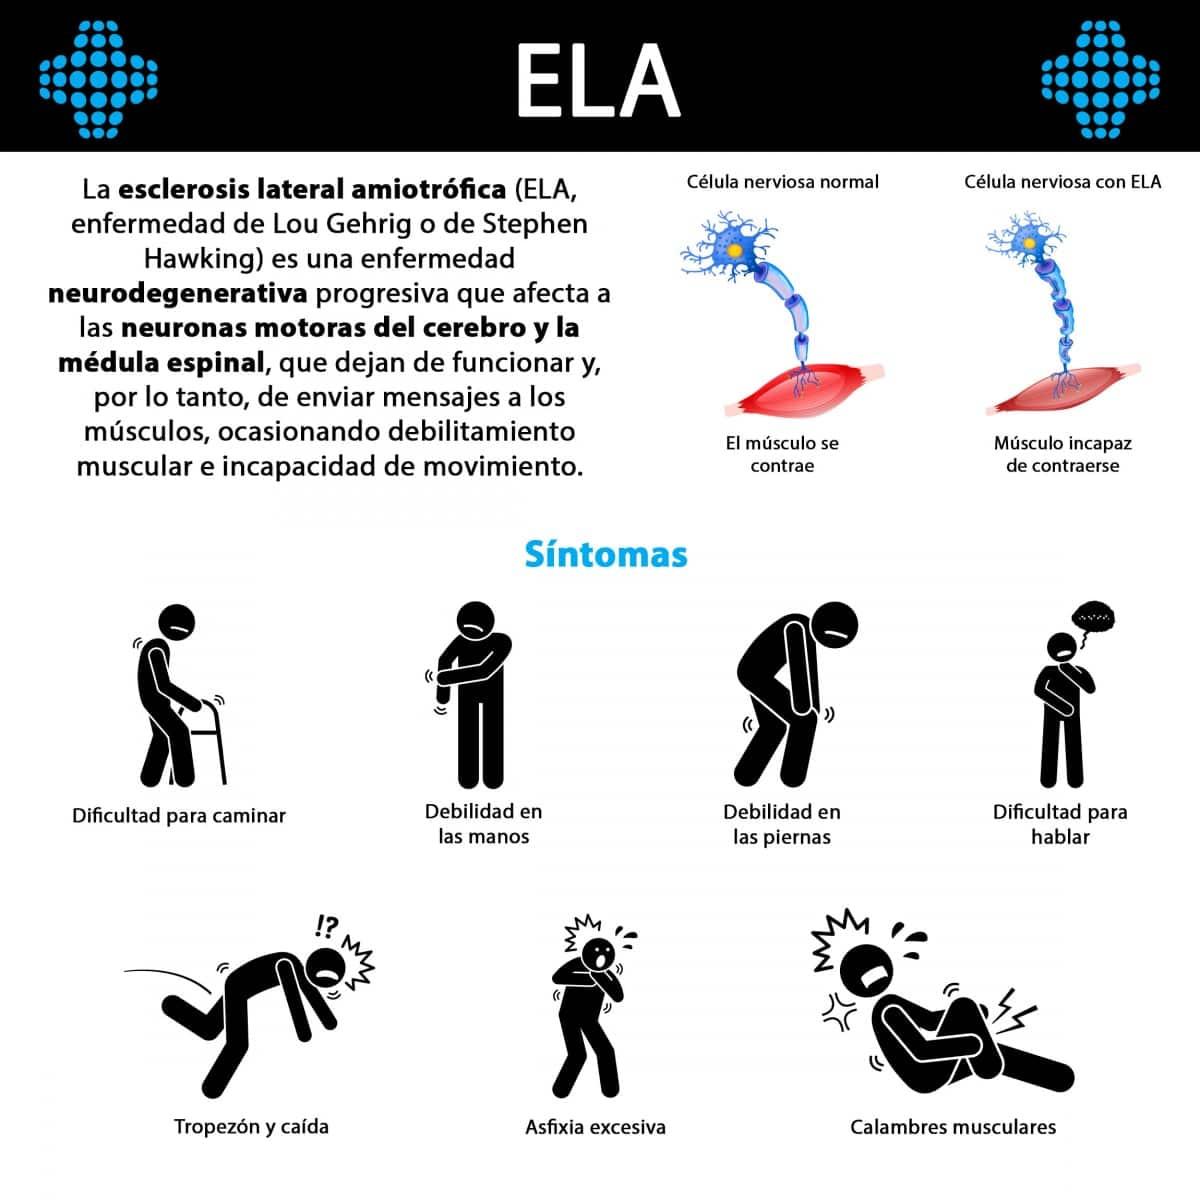 ¿Qué es la ELA?